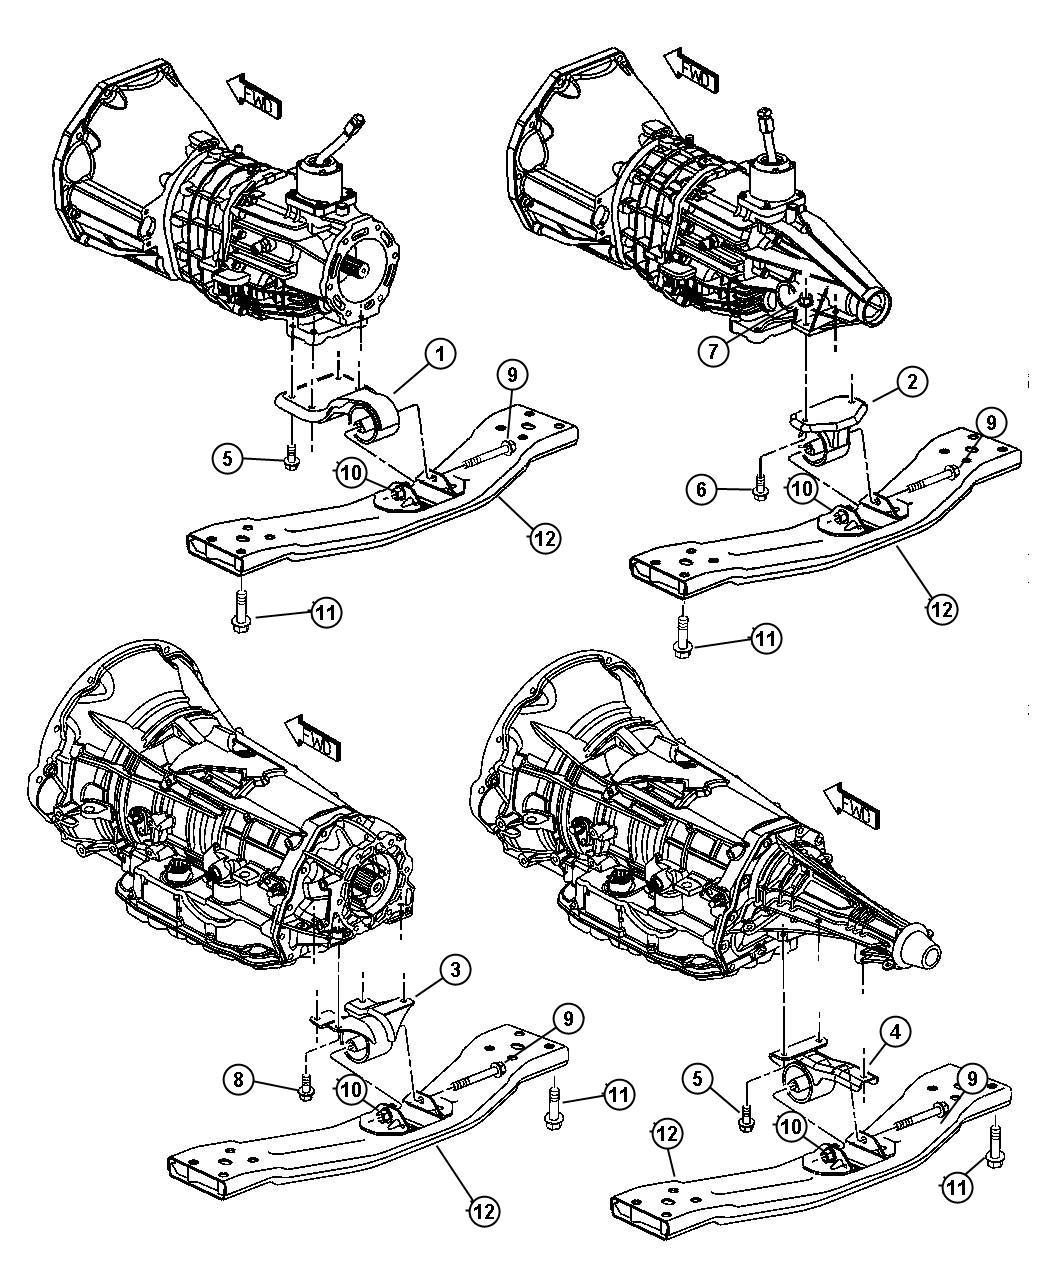 Chrysler Sebring Bracket And Insulator. Transmission